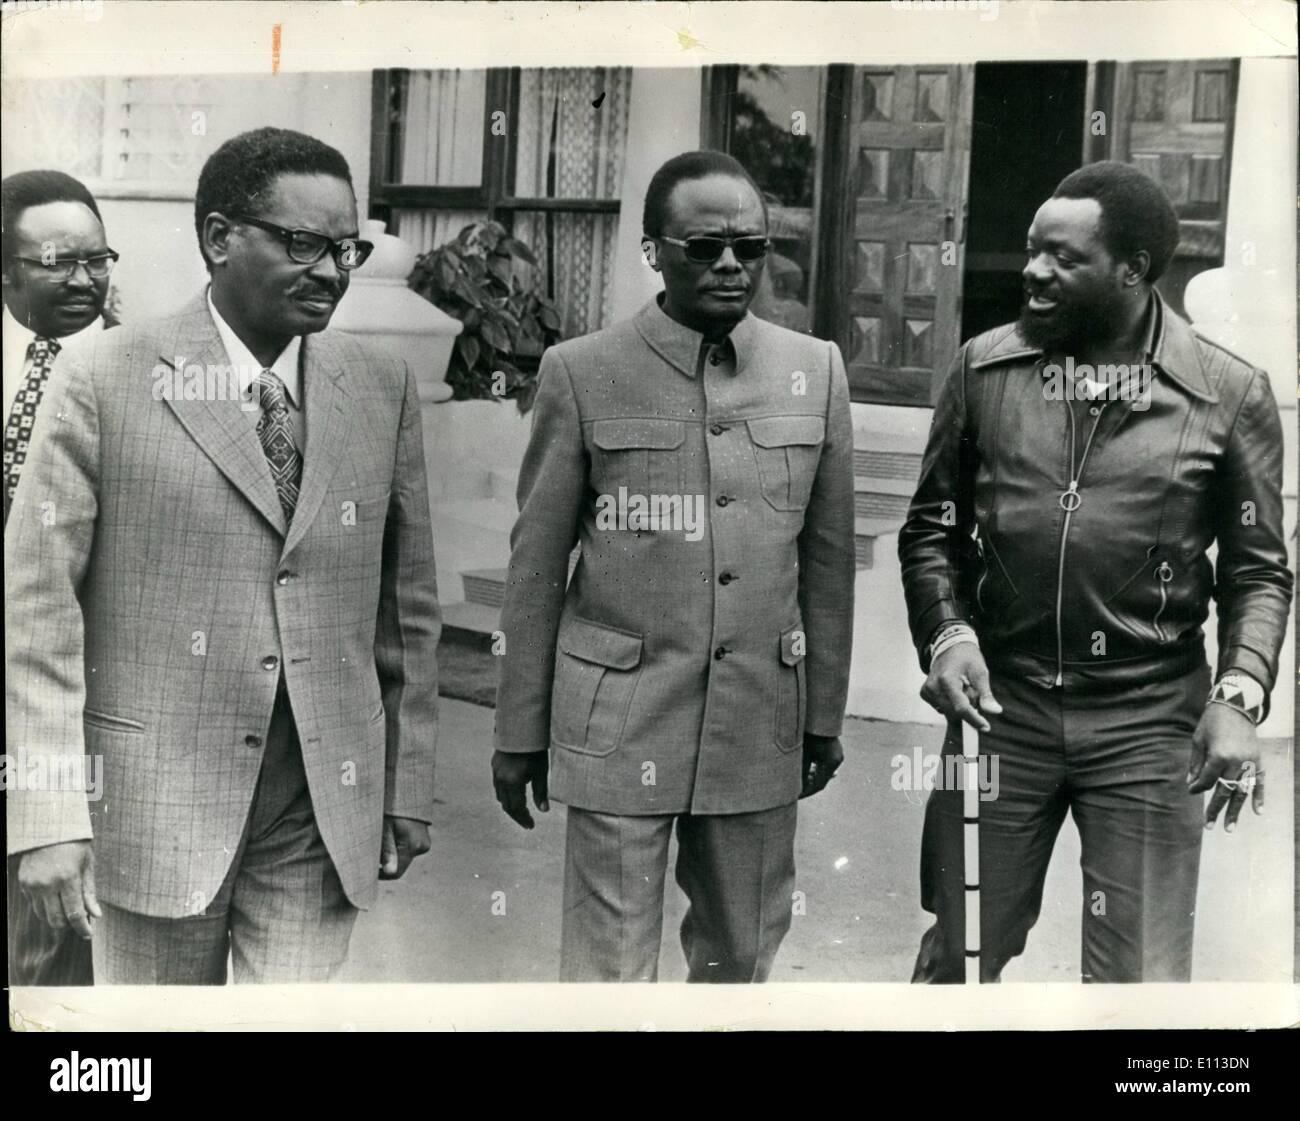 Juillet 07, 1975: la guerre civile menace l'Angola: l'Angola est maintenant au bord de la guerre civile les réfugiés fuient comme les groupes rivaux intensifier les combats dans les rues de la capitale en Luands où il est rapporté que les troupes du mouvement populaire marxiste (M.P.L.A.) a chassé les troupes du Front National (F.N.L.A.). À l'heure actuelle, le M.P.L.A. F.N.L.A. et le partage du pouvoir avec un troisième mouvement national de l'UNITA. La photo montre les trois dirigeants nationaux, photographiés ensemble à Mombasa, en janvier dernier, lorsqu'ils se sont réunis pour former un front commun pour l'indépendance en novembre. L-R M. Neto, (MPLA), le Dr Photo Stock